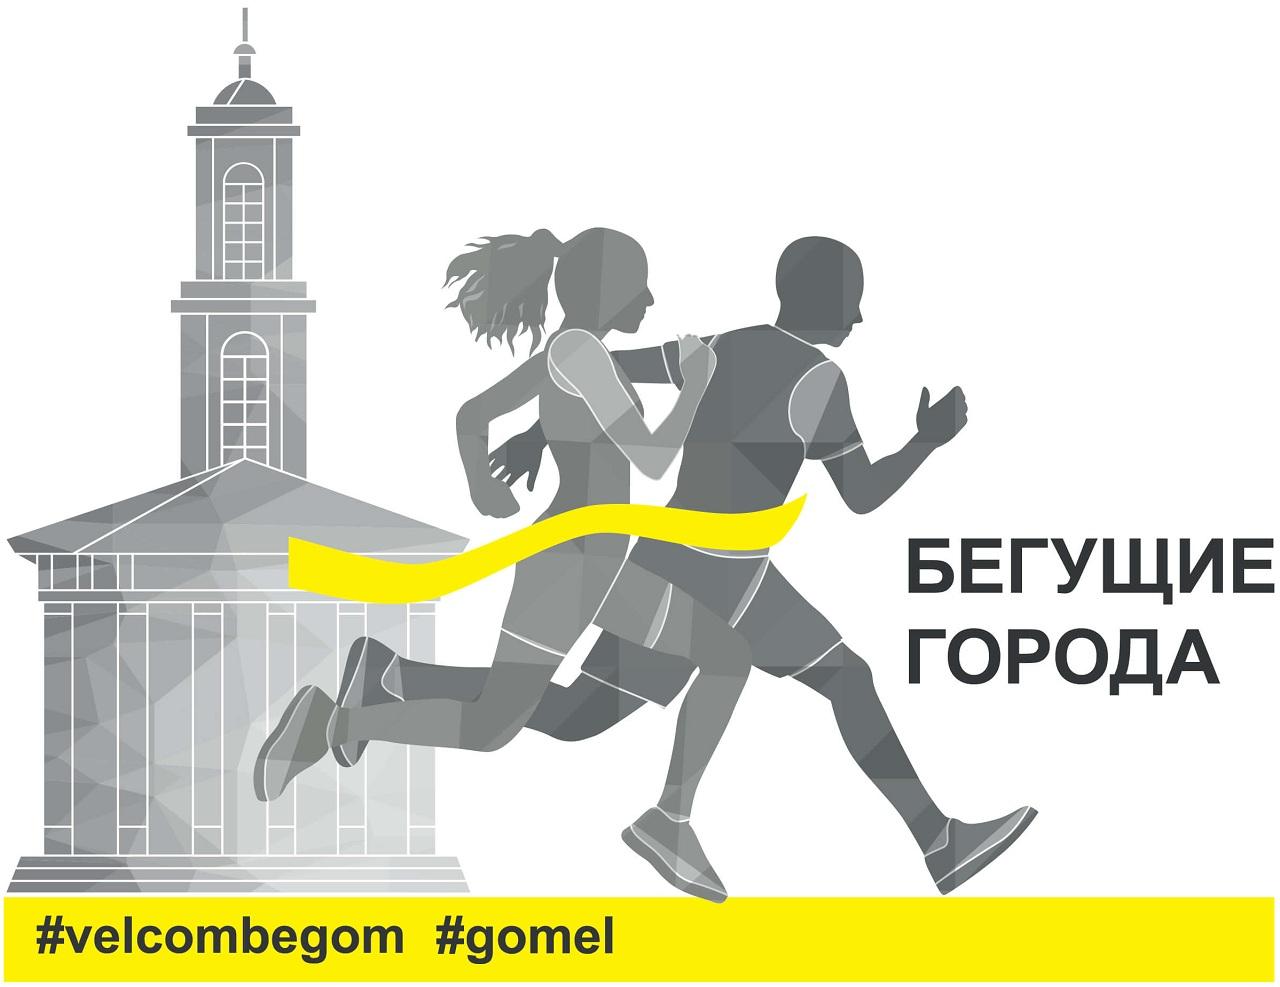 Логотип велкомбегом гомельской области благотворительная акция